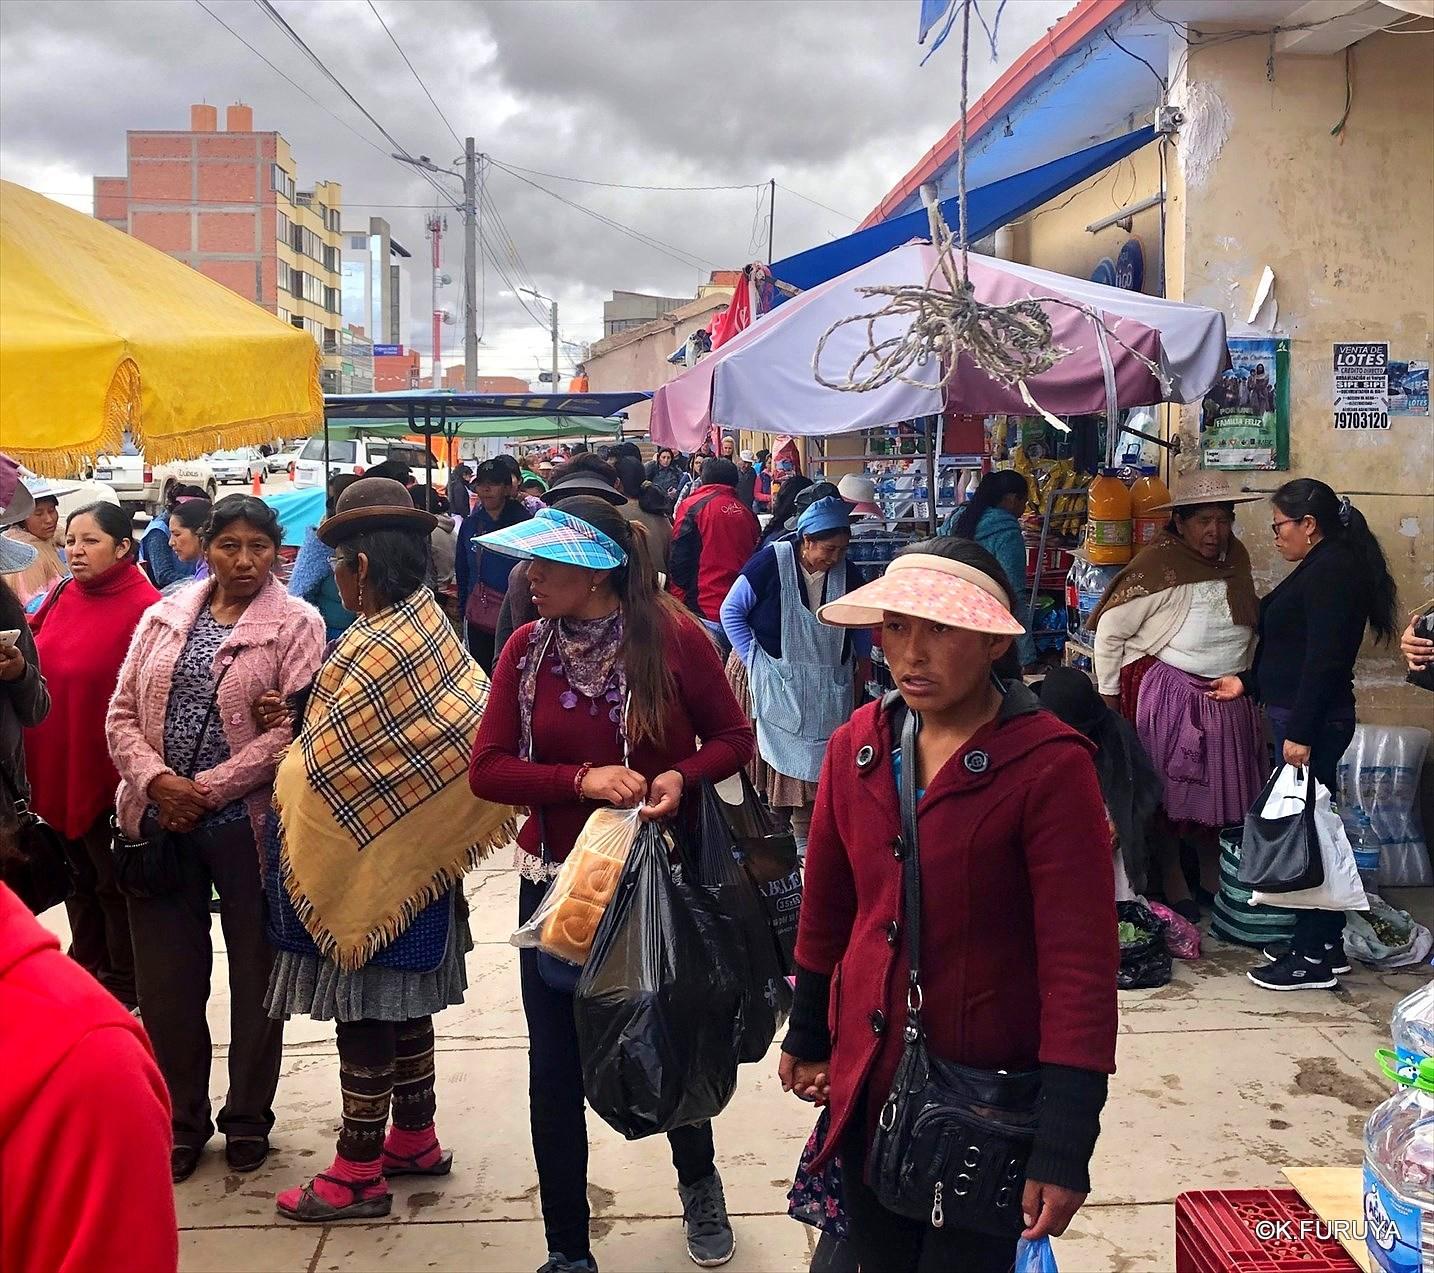 中南米の旅/25 ウユニのメインストリート@ボリビア_a0092659_16395431.jpg